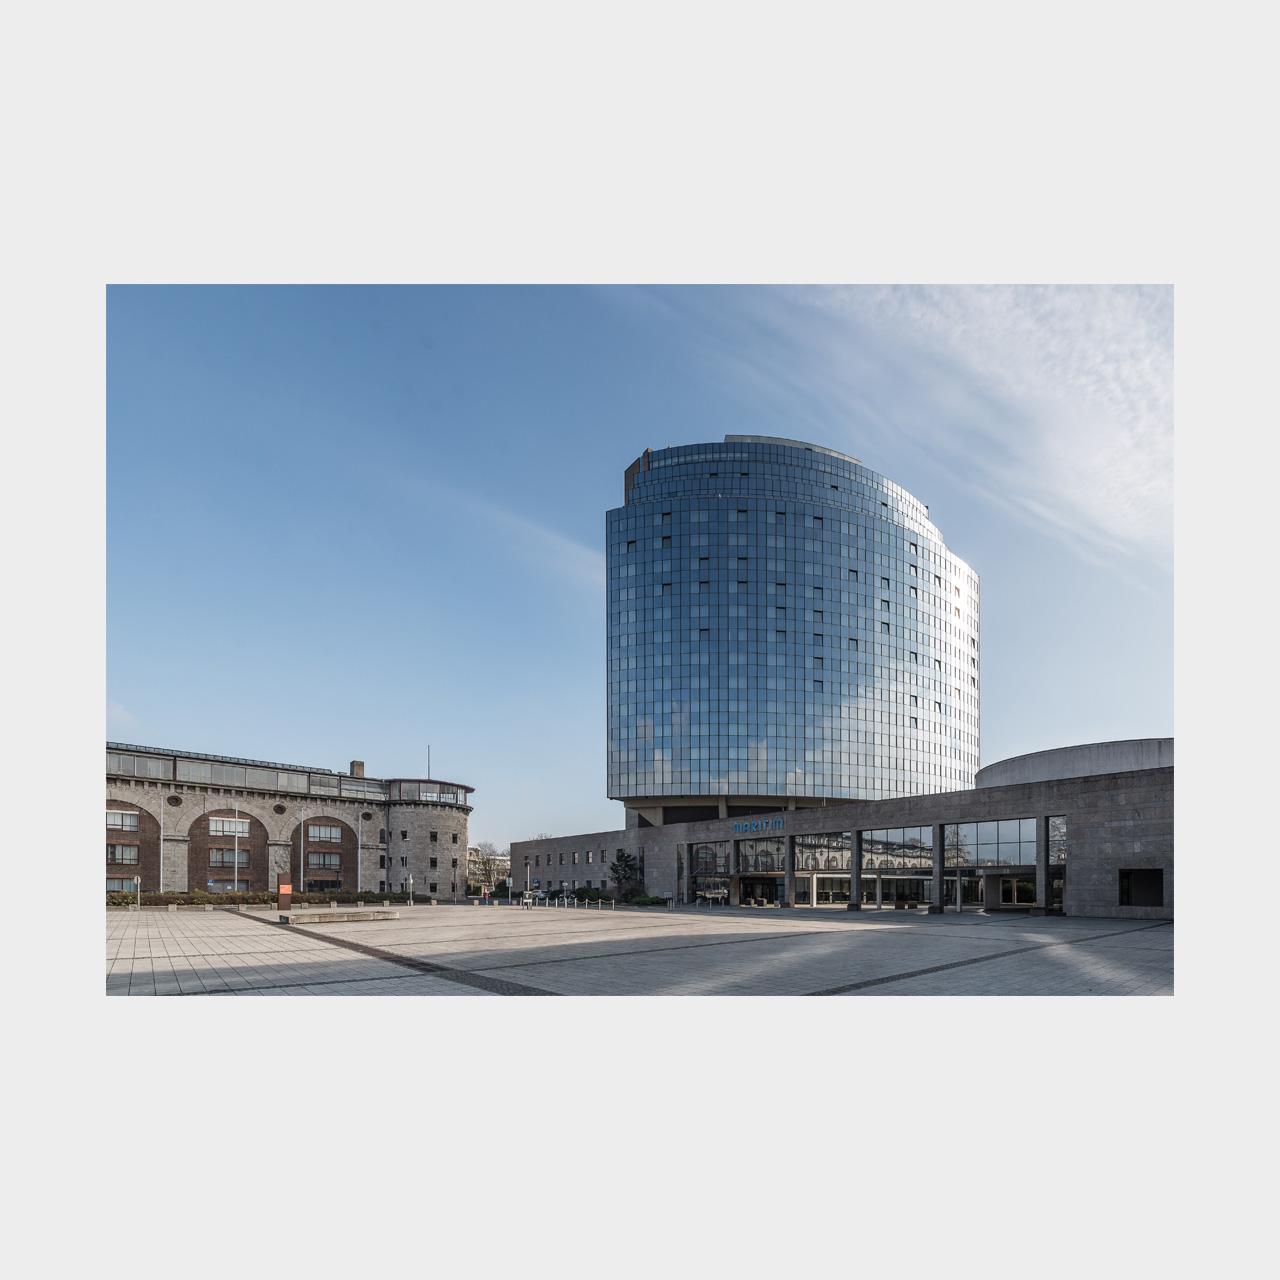 Architekturfotografie Hotel Maritim Ulm